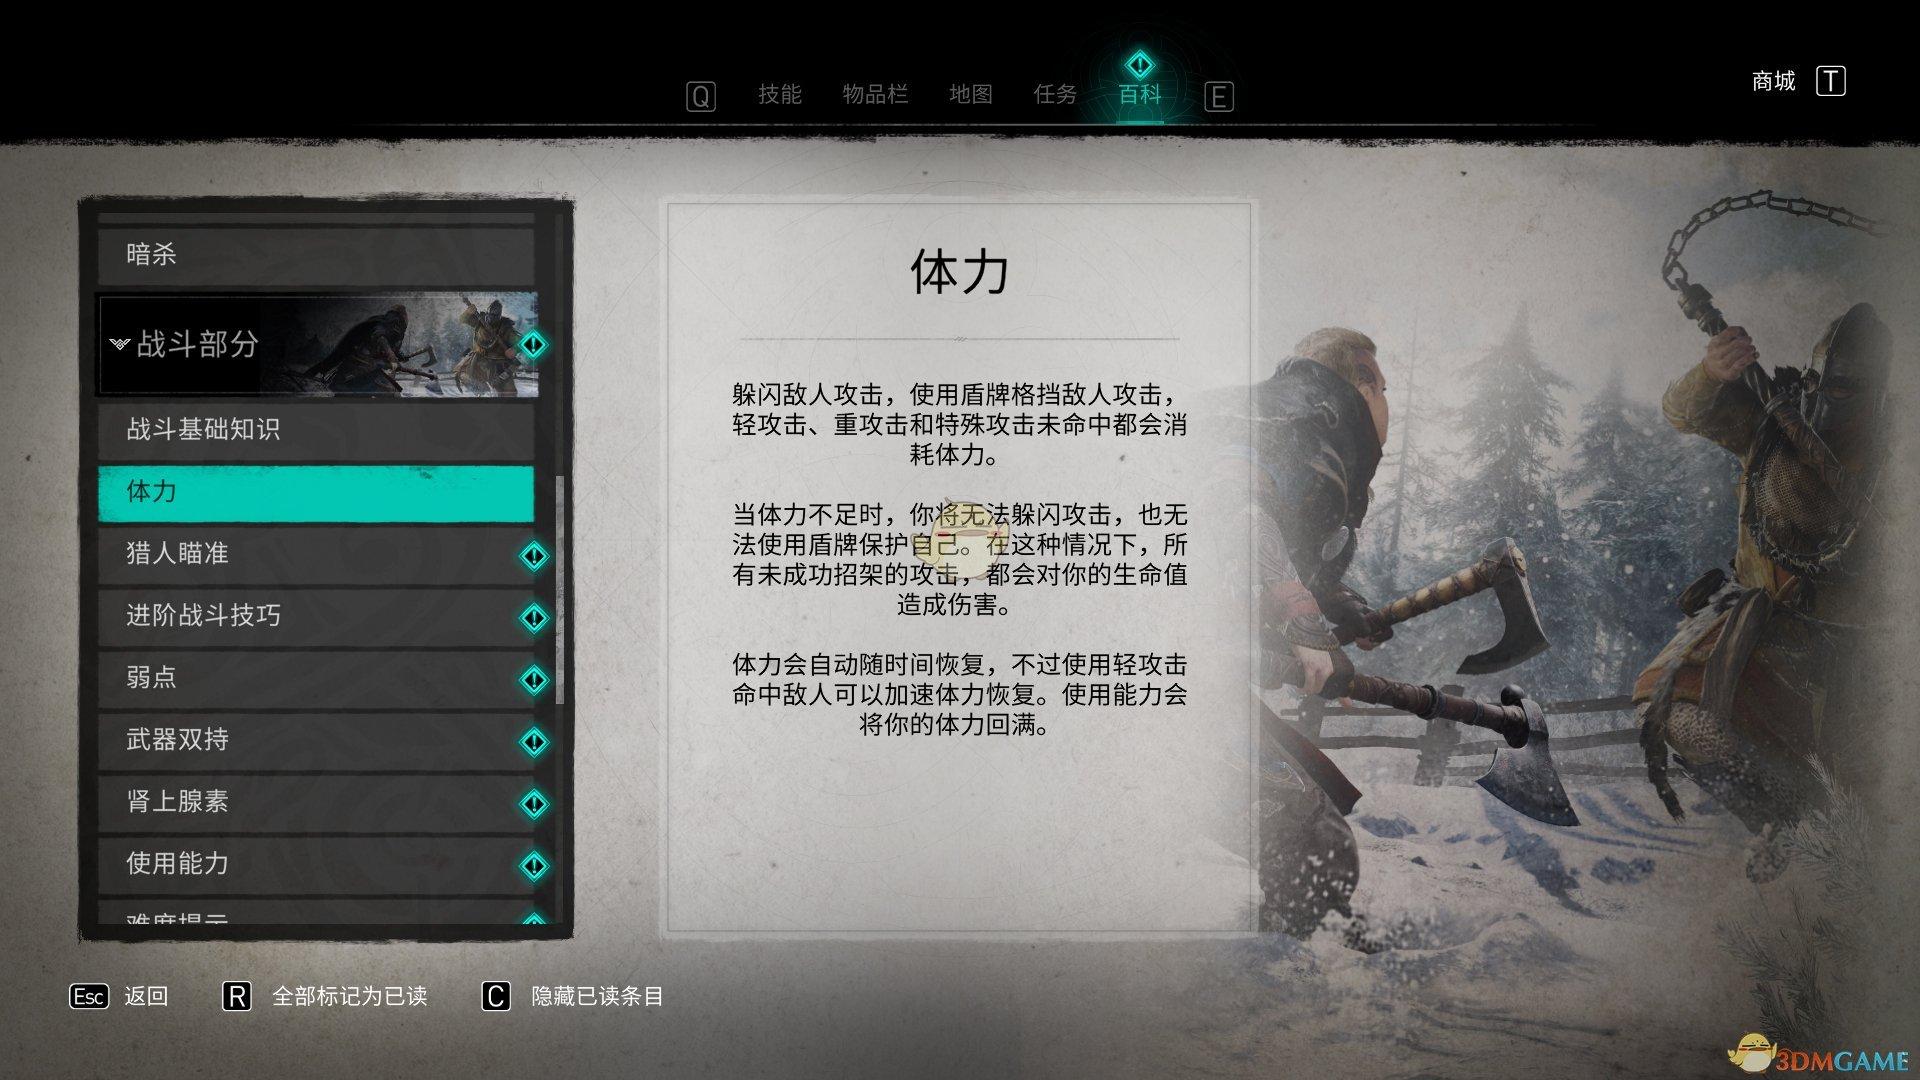 《刺客信条:英灵殿》体力系统详解